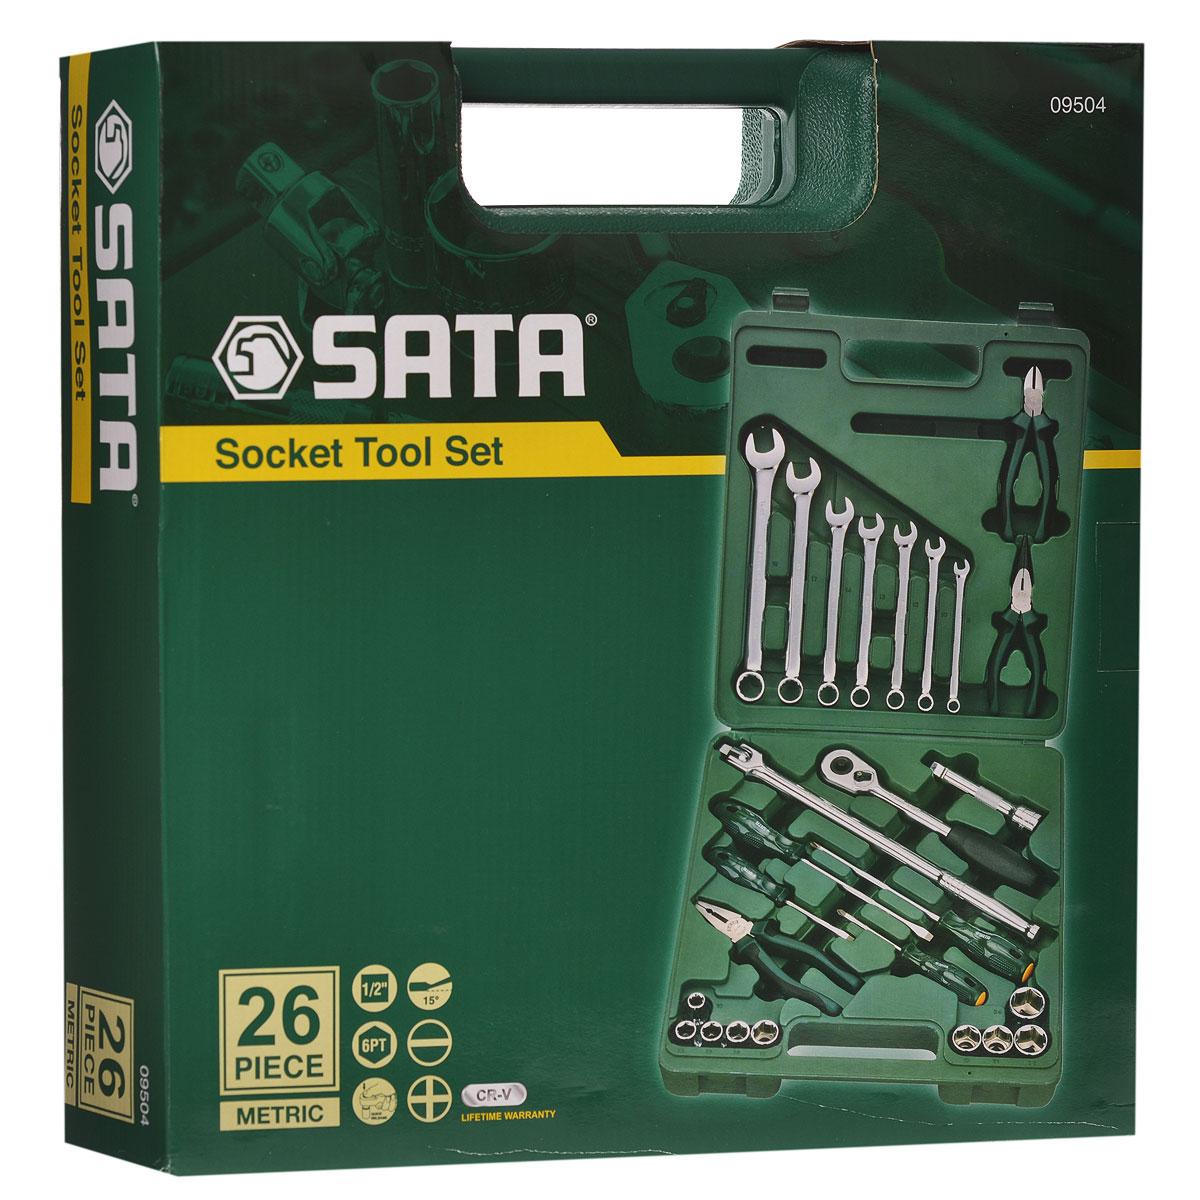 Набор инструментов SATA 26пр. 0950498298130Набор инструментов Sata - это необходимый предмет в каждом доме. Он включает в себя 26 предметов, которые умещаются в небольшом пластиковом кейсе. Такой набор будет идеальным подарком мужчине.Состав набора:Головки торцовые шестигранные 1/2: 10 мм, 12 мм, 13 мм, 14 мм, 17 мм, 19 мм, 21 мм, 22 мм, 24 мм.Ключи комбинированные: 8 мм, 10 мм, 12 мм, 14 мм, 16 мм, 17 мм, 19 мм.Ключ трещоточный 1/2.Удлинитель 1/2: 125 мм. Рычаг угловой 1/2: 260 мм.Отвертки Phillips: РН1 х 75 мм, РH2 х 150 мм.Отвертки шлицевые: 5 мм х 75 мм, 6 мм х 150 мм.Тонкогубцы: 150 мм.Бокорезы: 160 мм.Плоскогубцы: 180 мм.